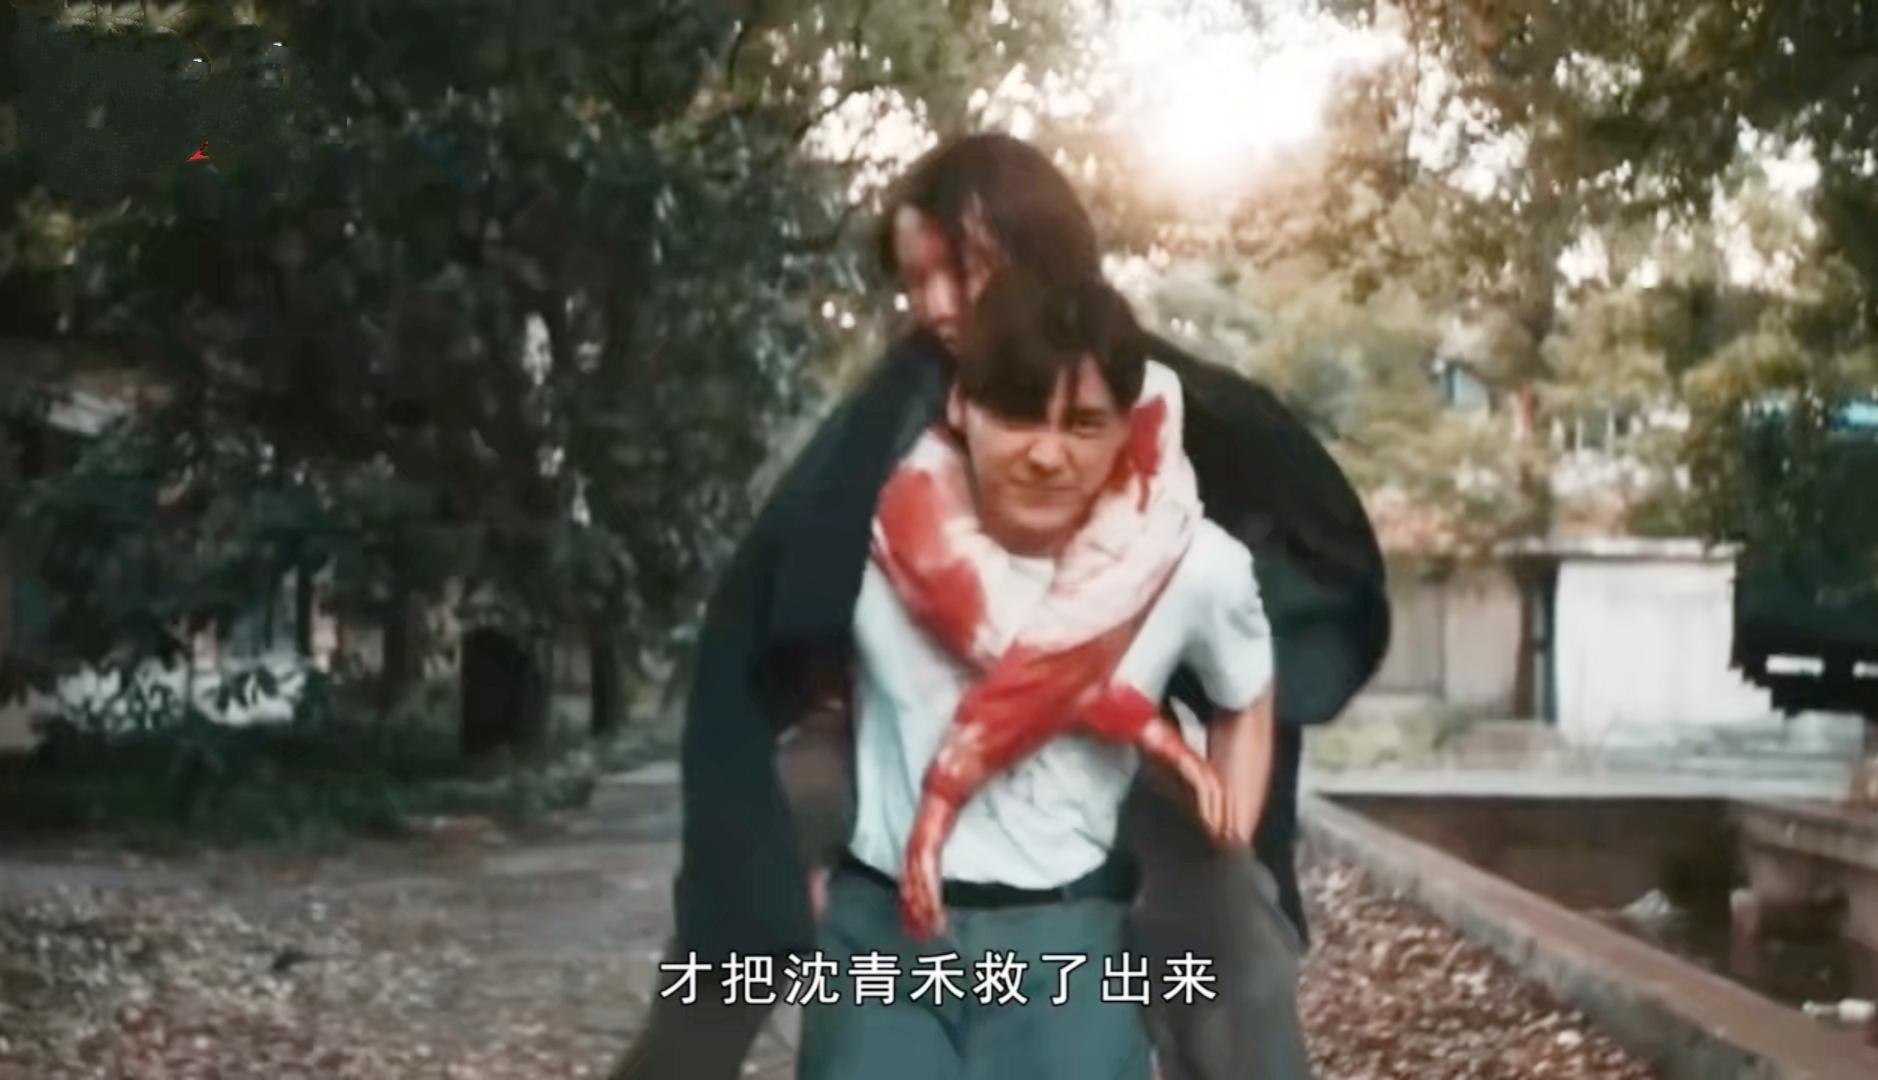 隐秘而伟大:沈青禾身份暴露,遭受严刑拷打,两人联手将她救出